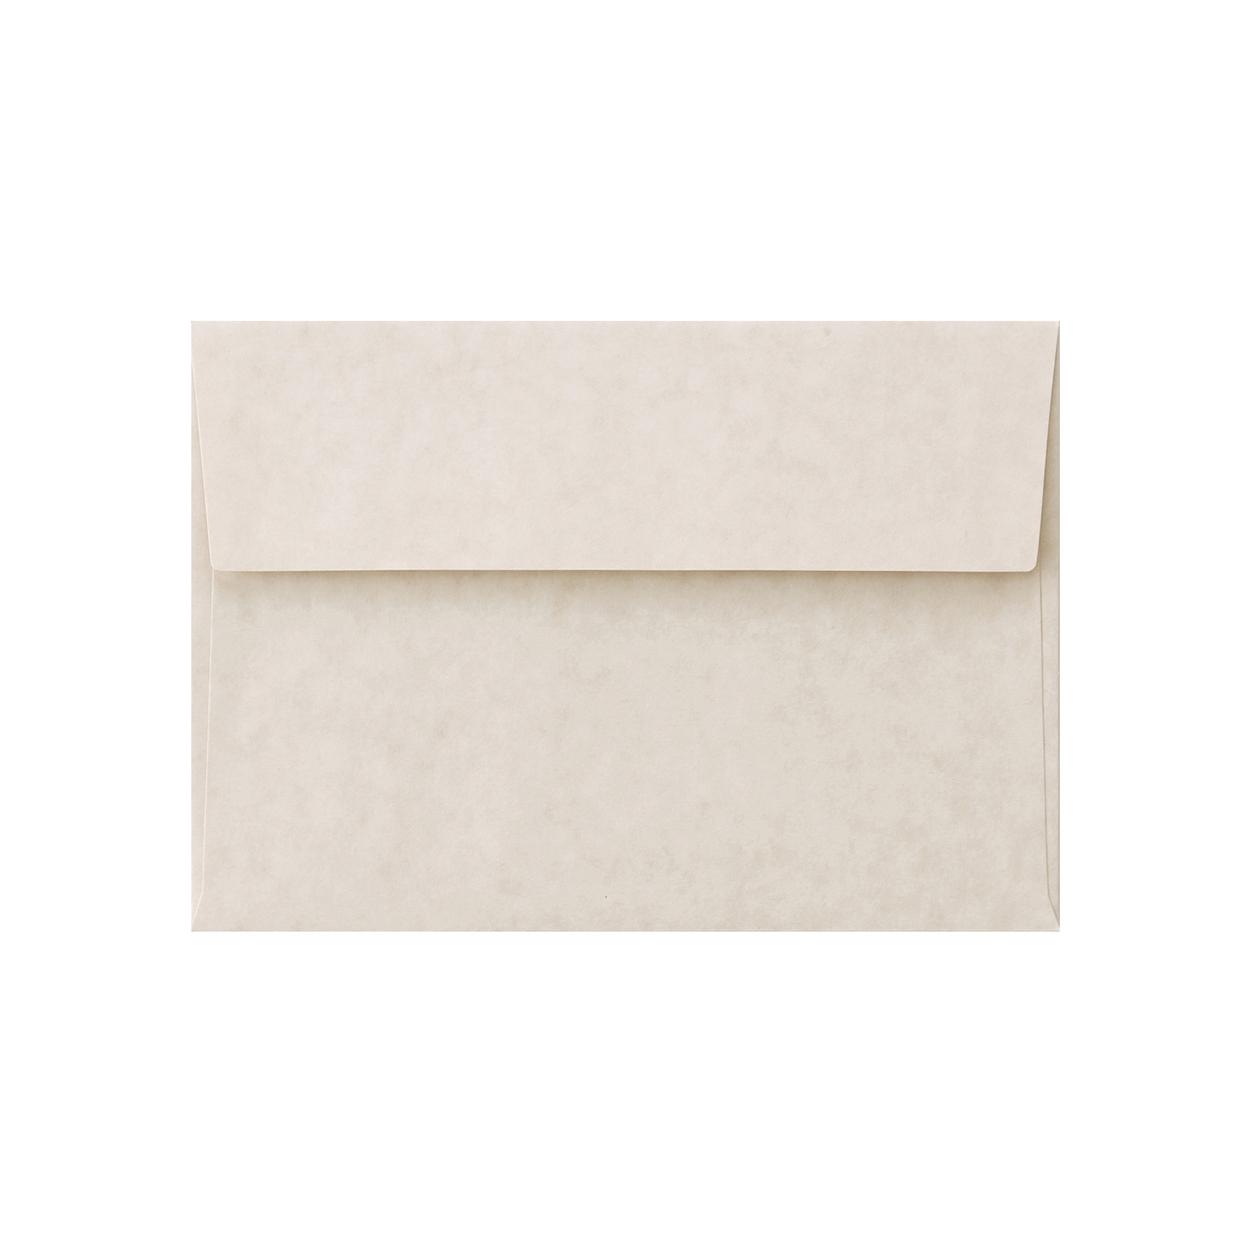 洋2カマス封筒 ホワイトクラフト 100g